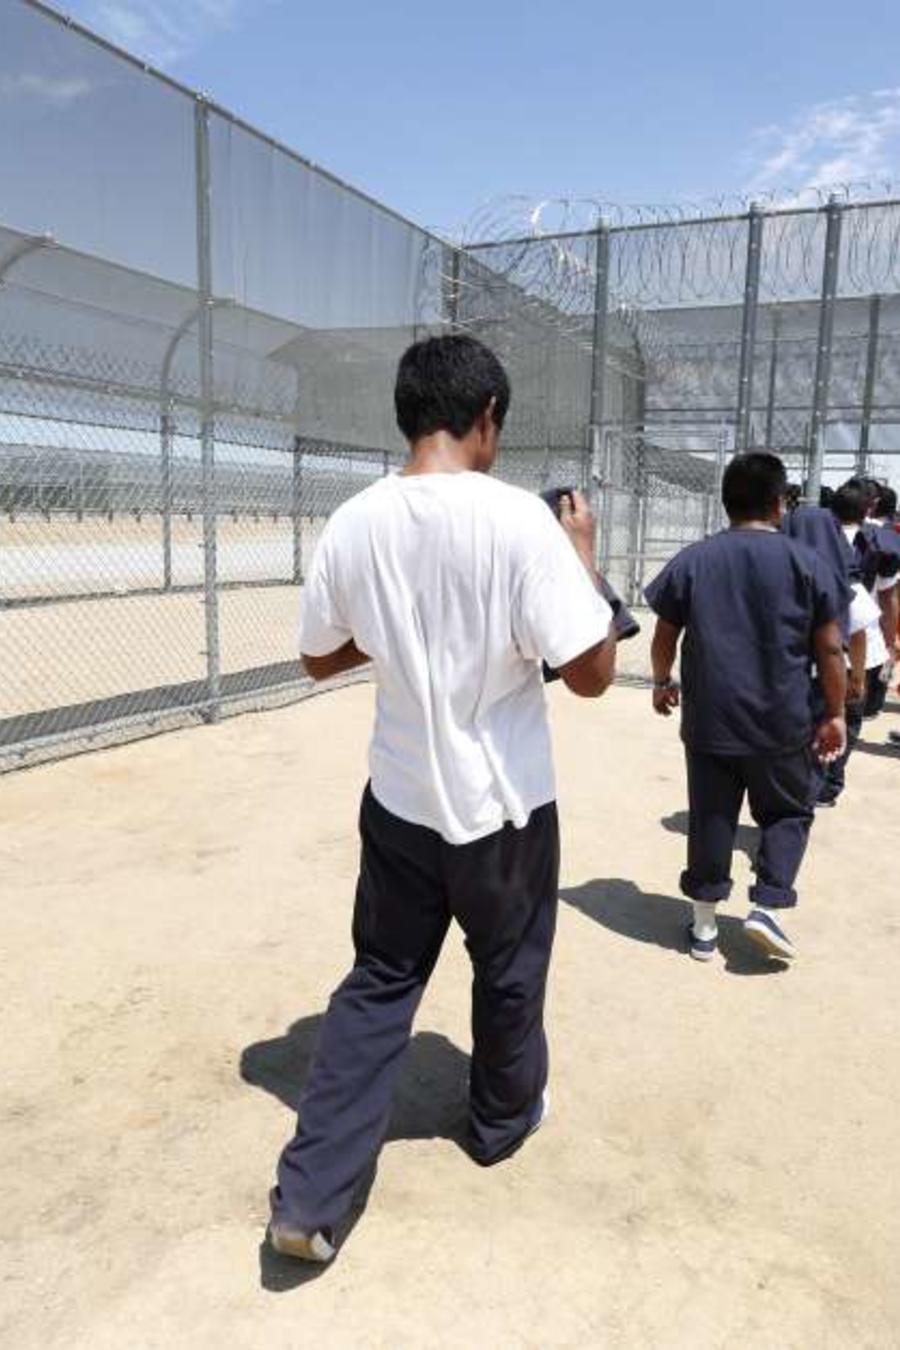 Centro de detención de inmigrantes en California